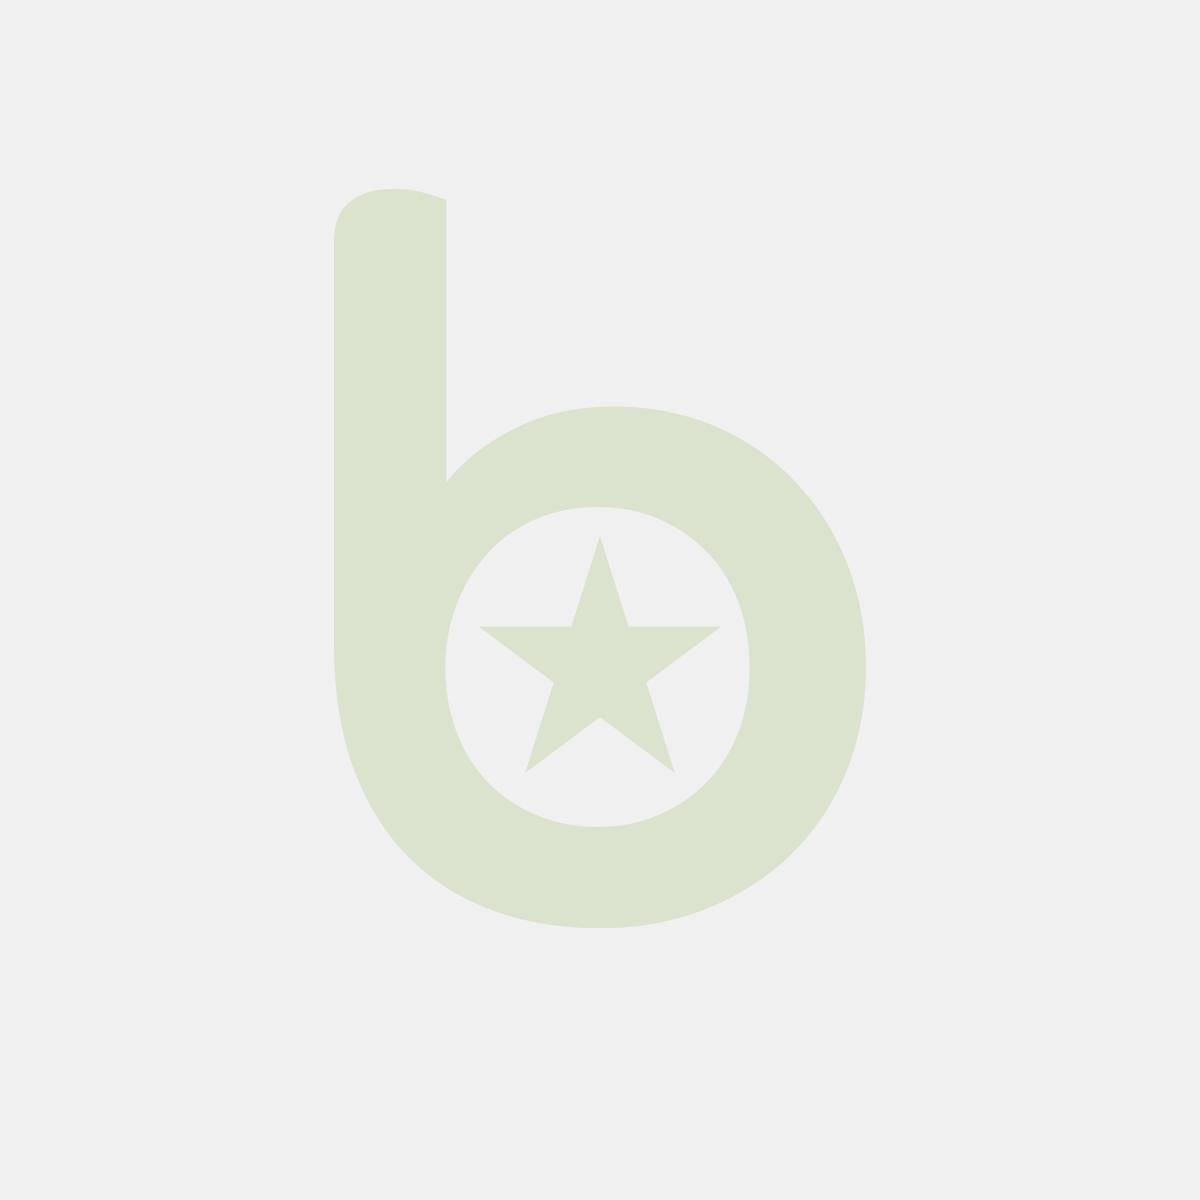 Foliopis permanentny SCHNEIDER Maxx 224, M, 1,0mm, zielony